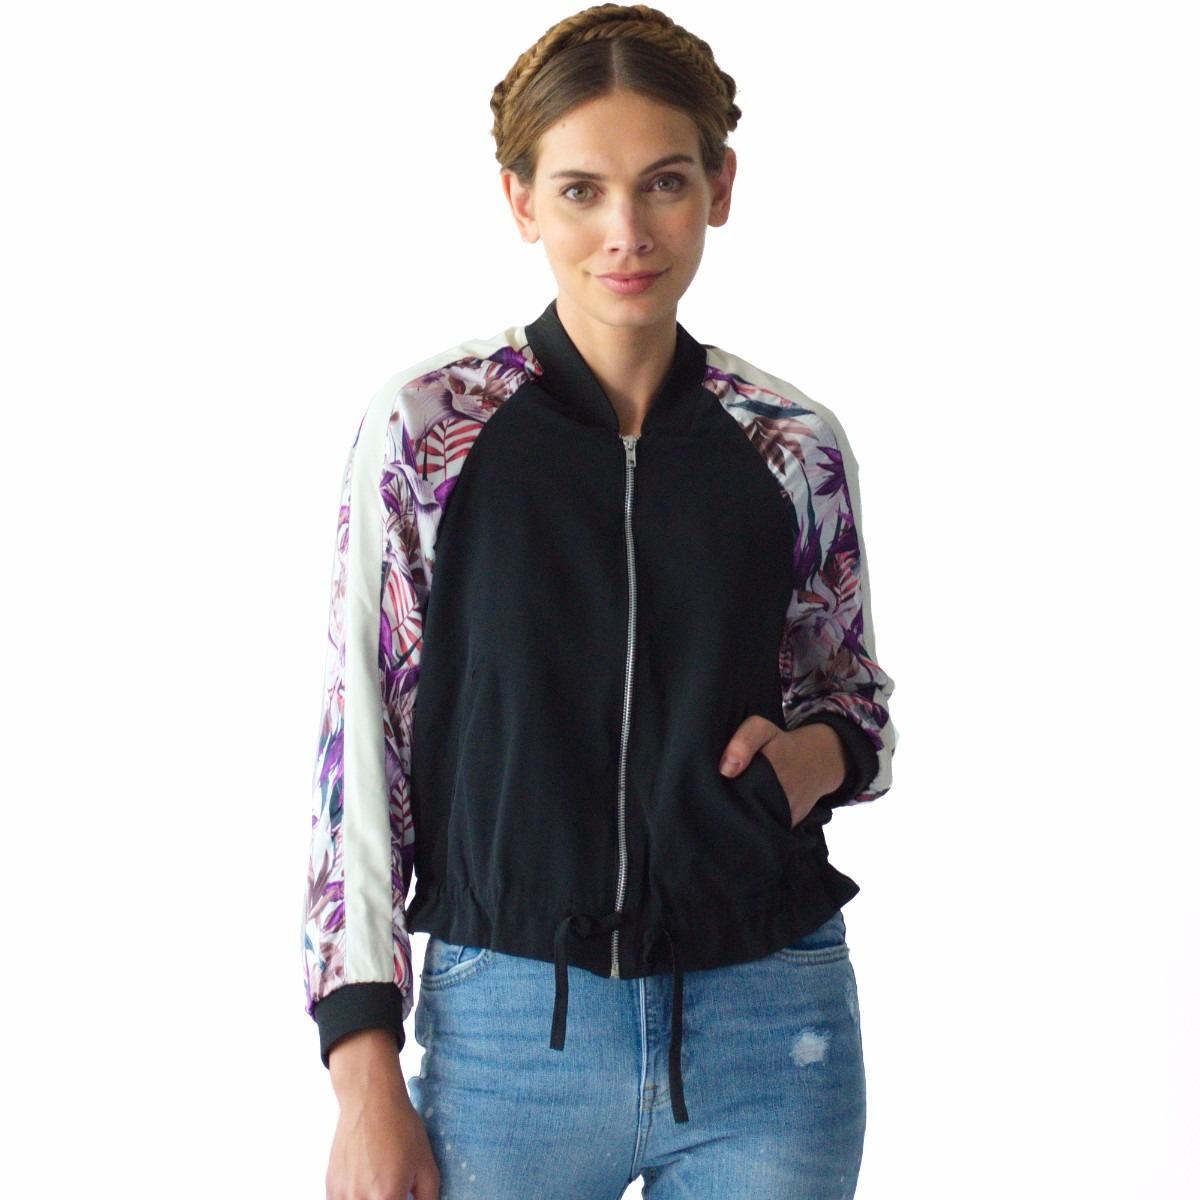 auténtico gran venta Garantía de calidad 100% Chamarra Mujer Bomber Jacket Rack & Pack Negra Con Estampado